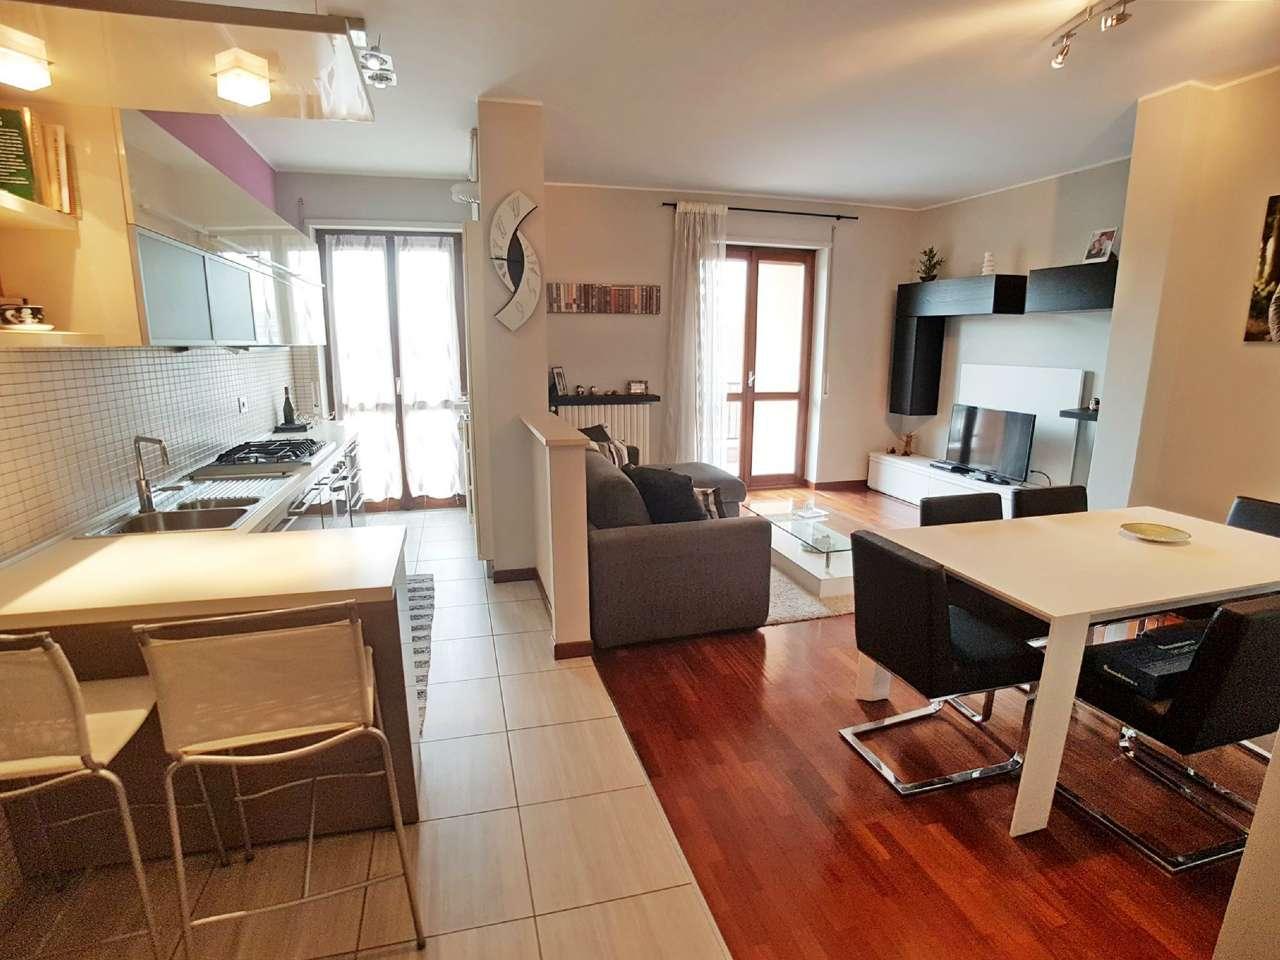 Appartamento in vendita a Saronno, 2 locali, prezzo € 150.000 | Cambio Casa.it